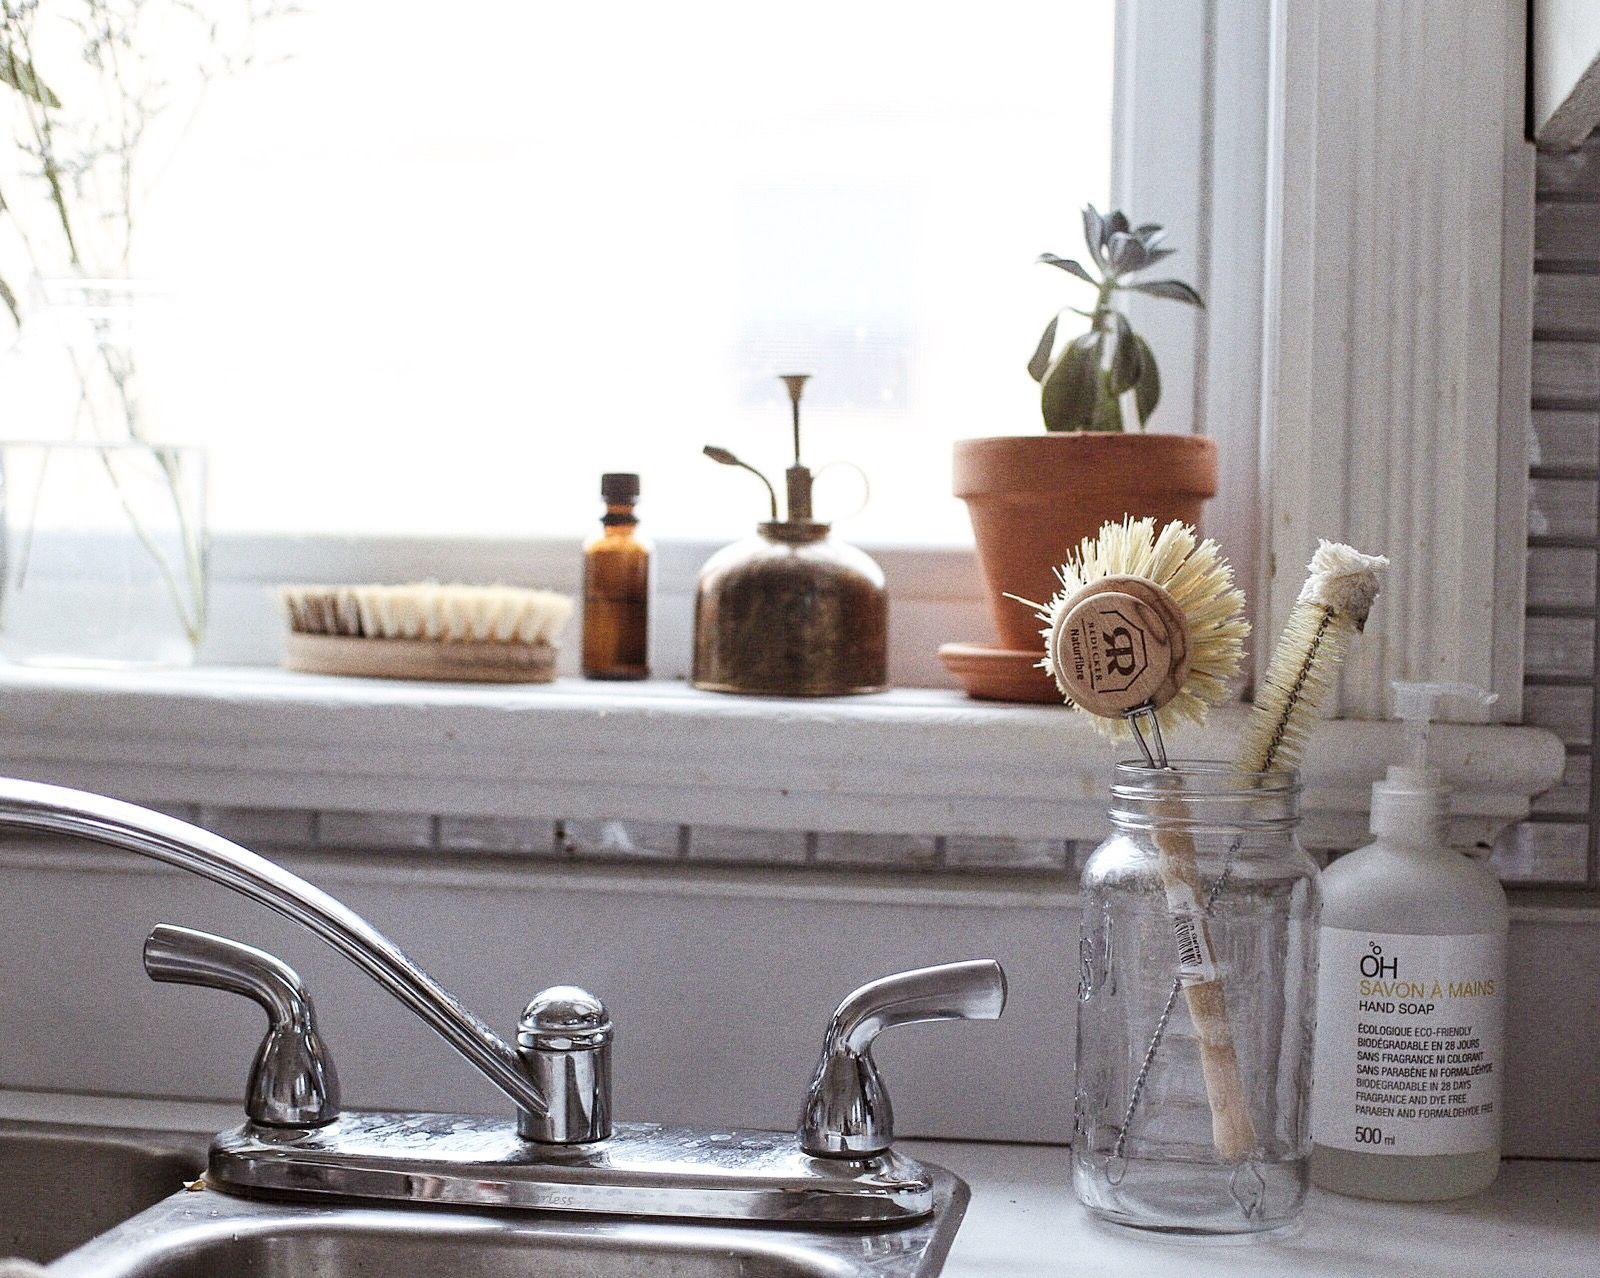 zero waste kitchen décoration maison mode de vie durable idées pour la maison on zero waste kitchen interior id=25658